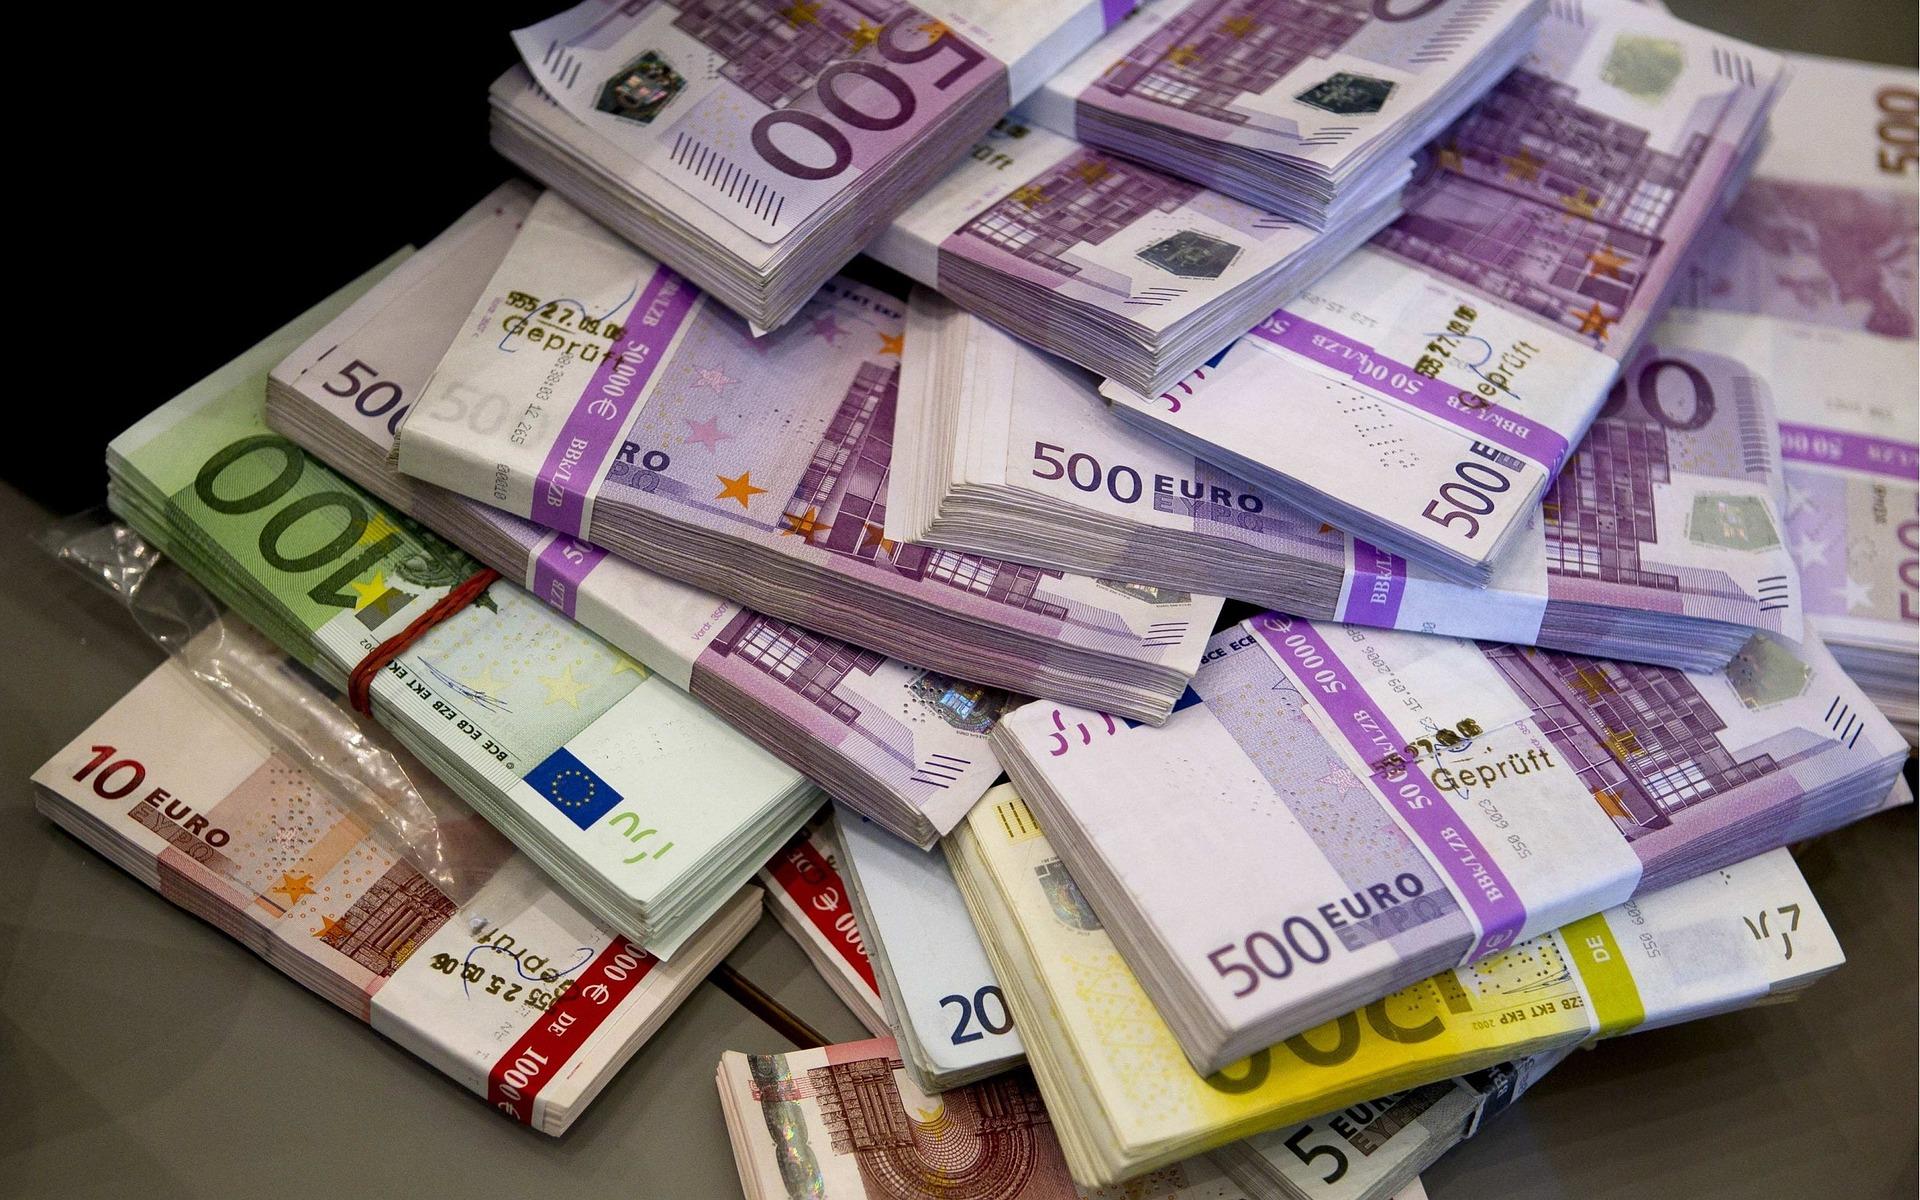 Минфин предлагает ввести конфискацию по валютным статьям